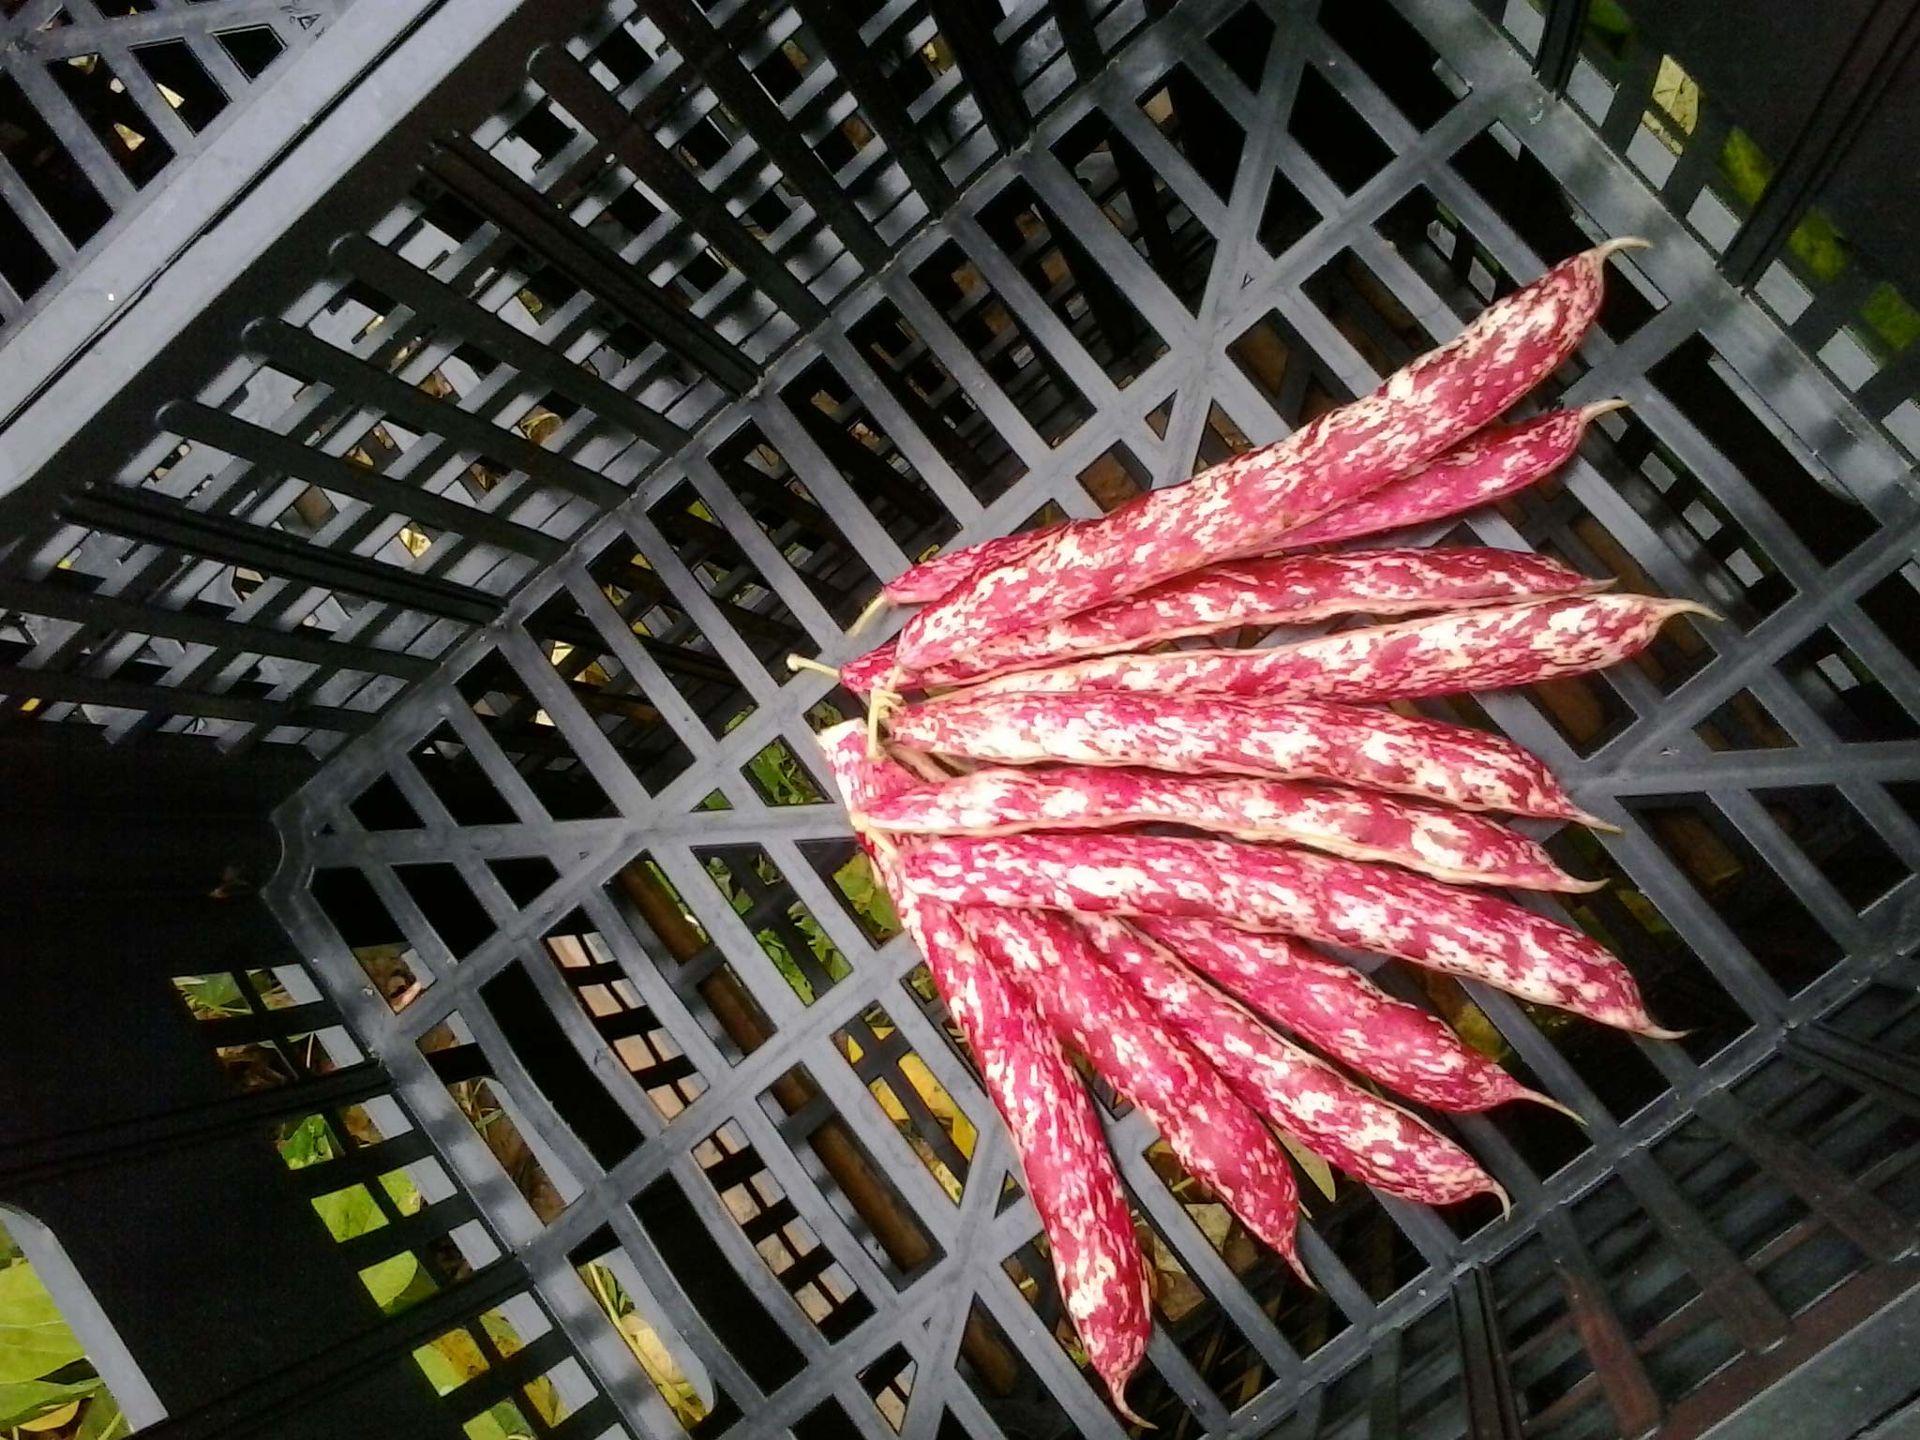 Il fagiolo rosso rampicante di Nazari Ortofrutta